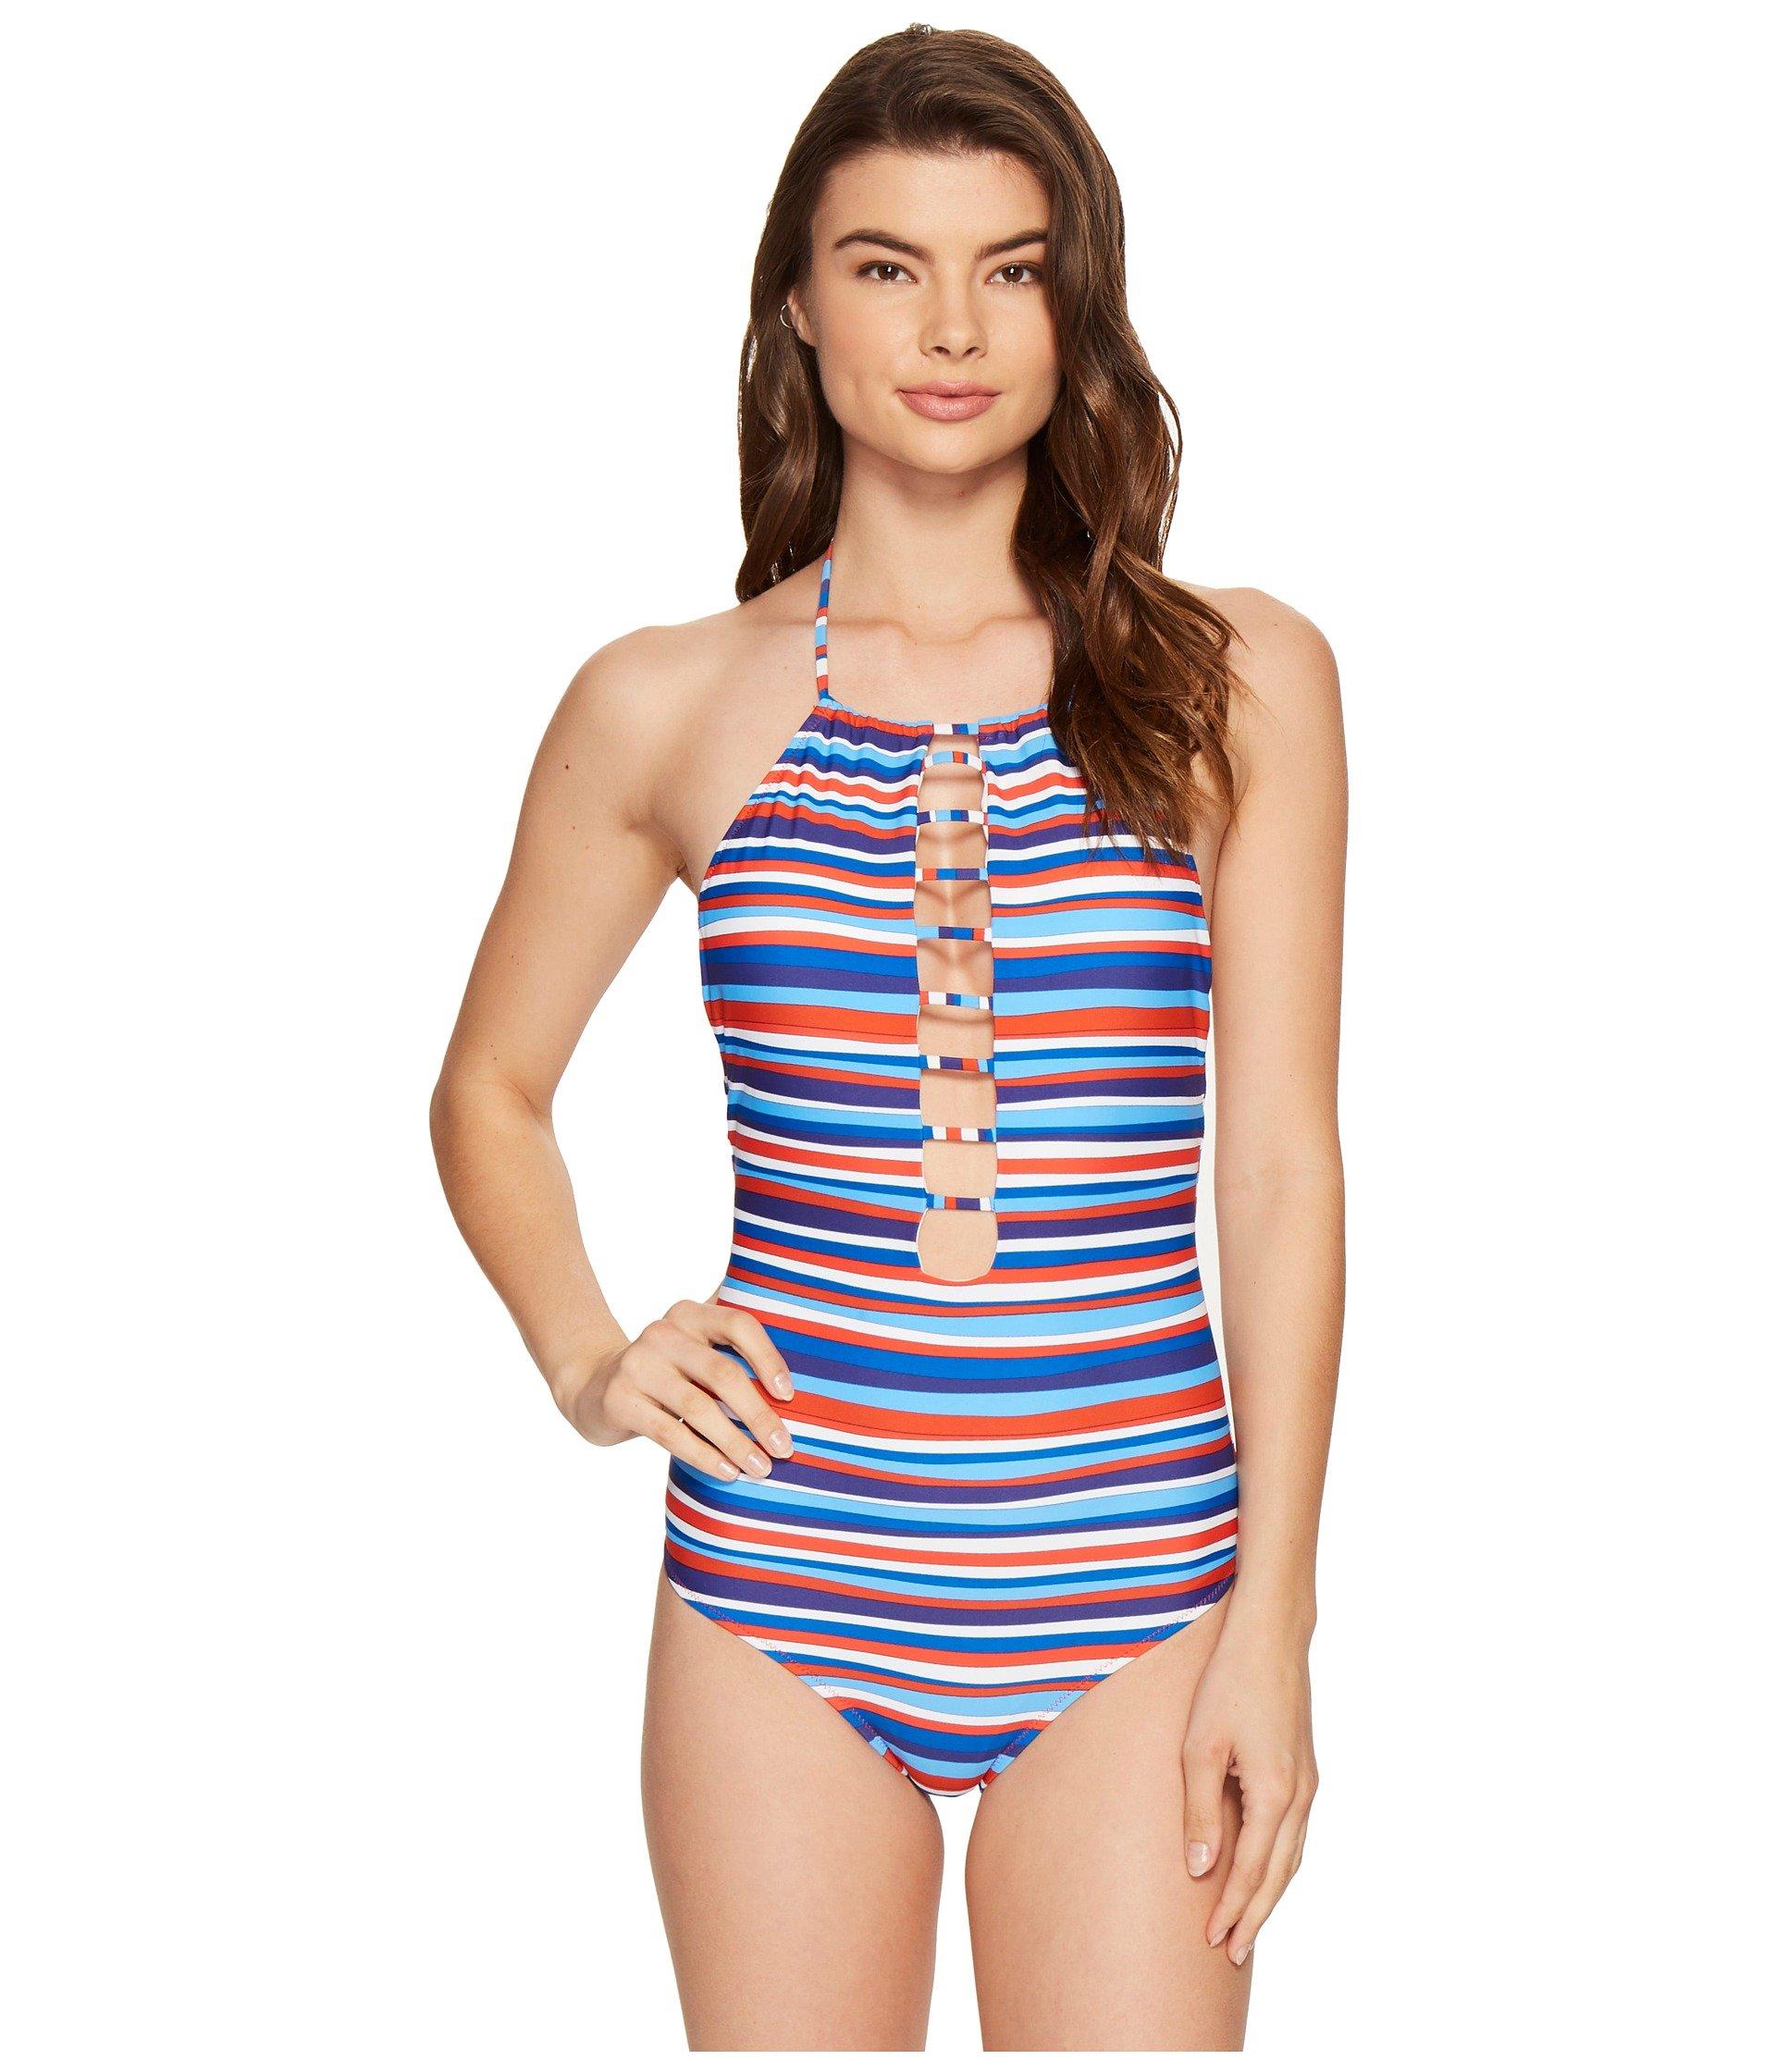 Vestido de Baño de Una Pieza para Mujer Volcom Pride One-Piece  + Volcom en VeoyCompro.net